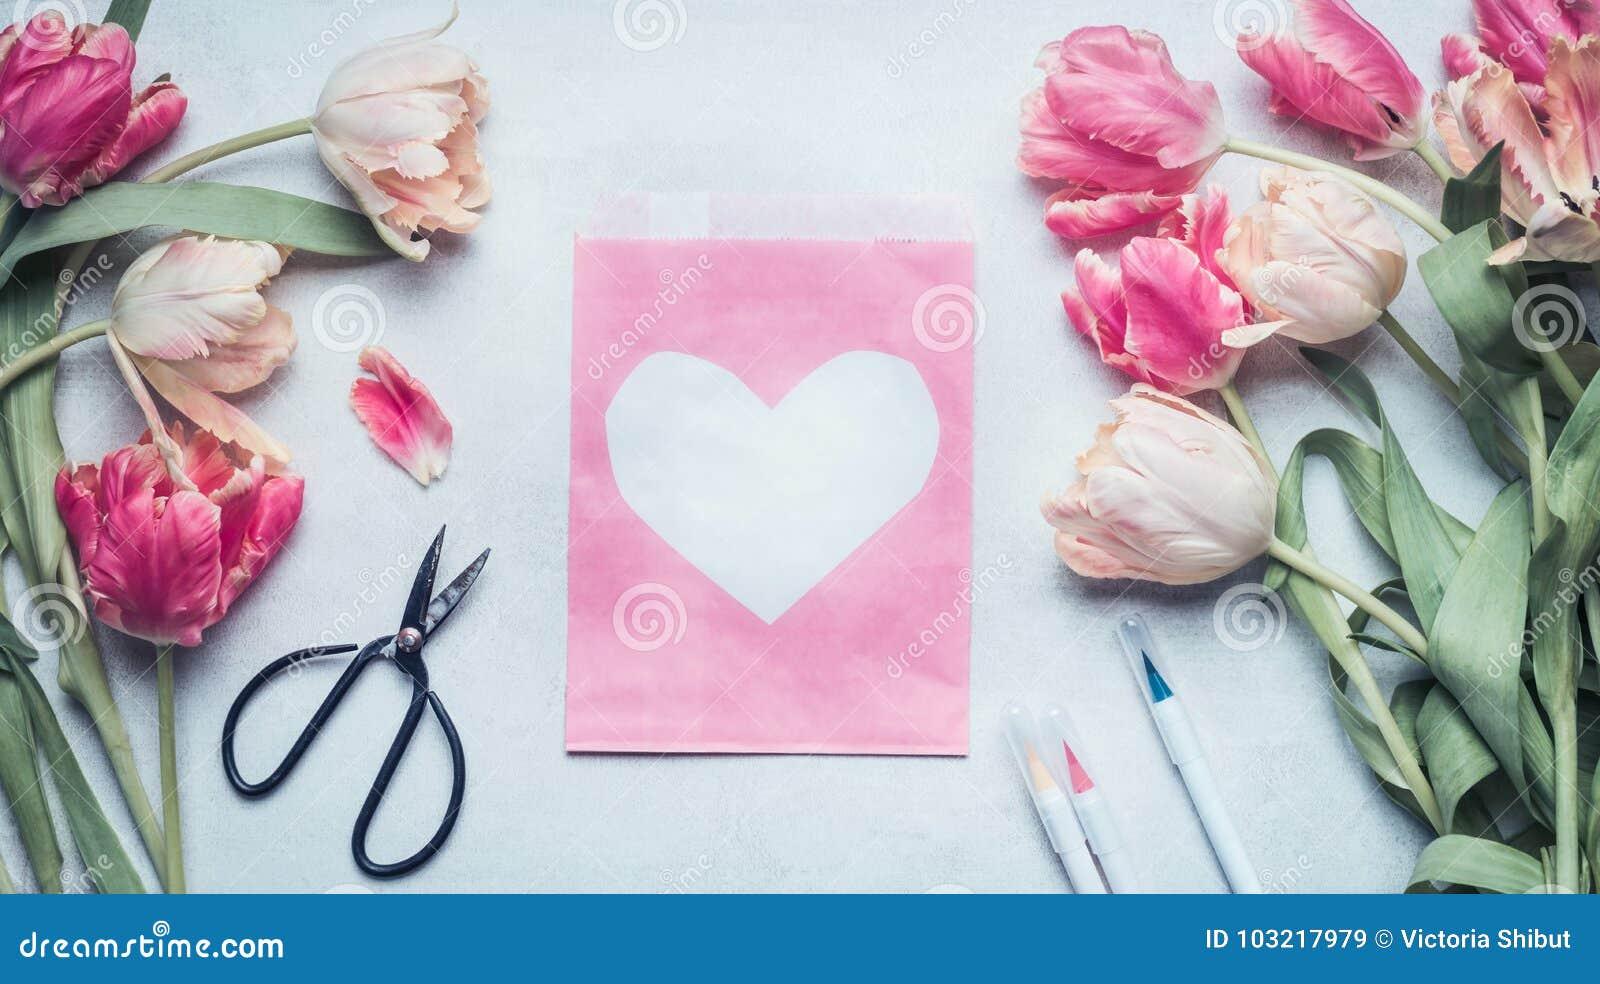 De mooie spot van de pastelkleurlente omhoog met tulpen, schaar, tellers en roze pakdocument zak met hart